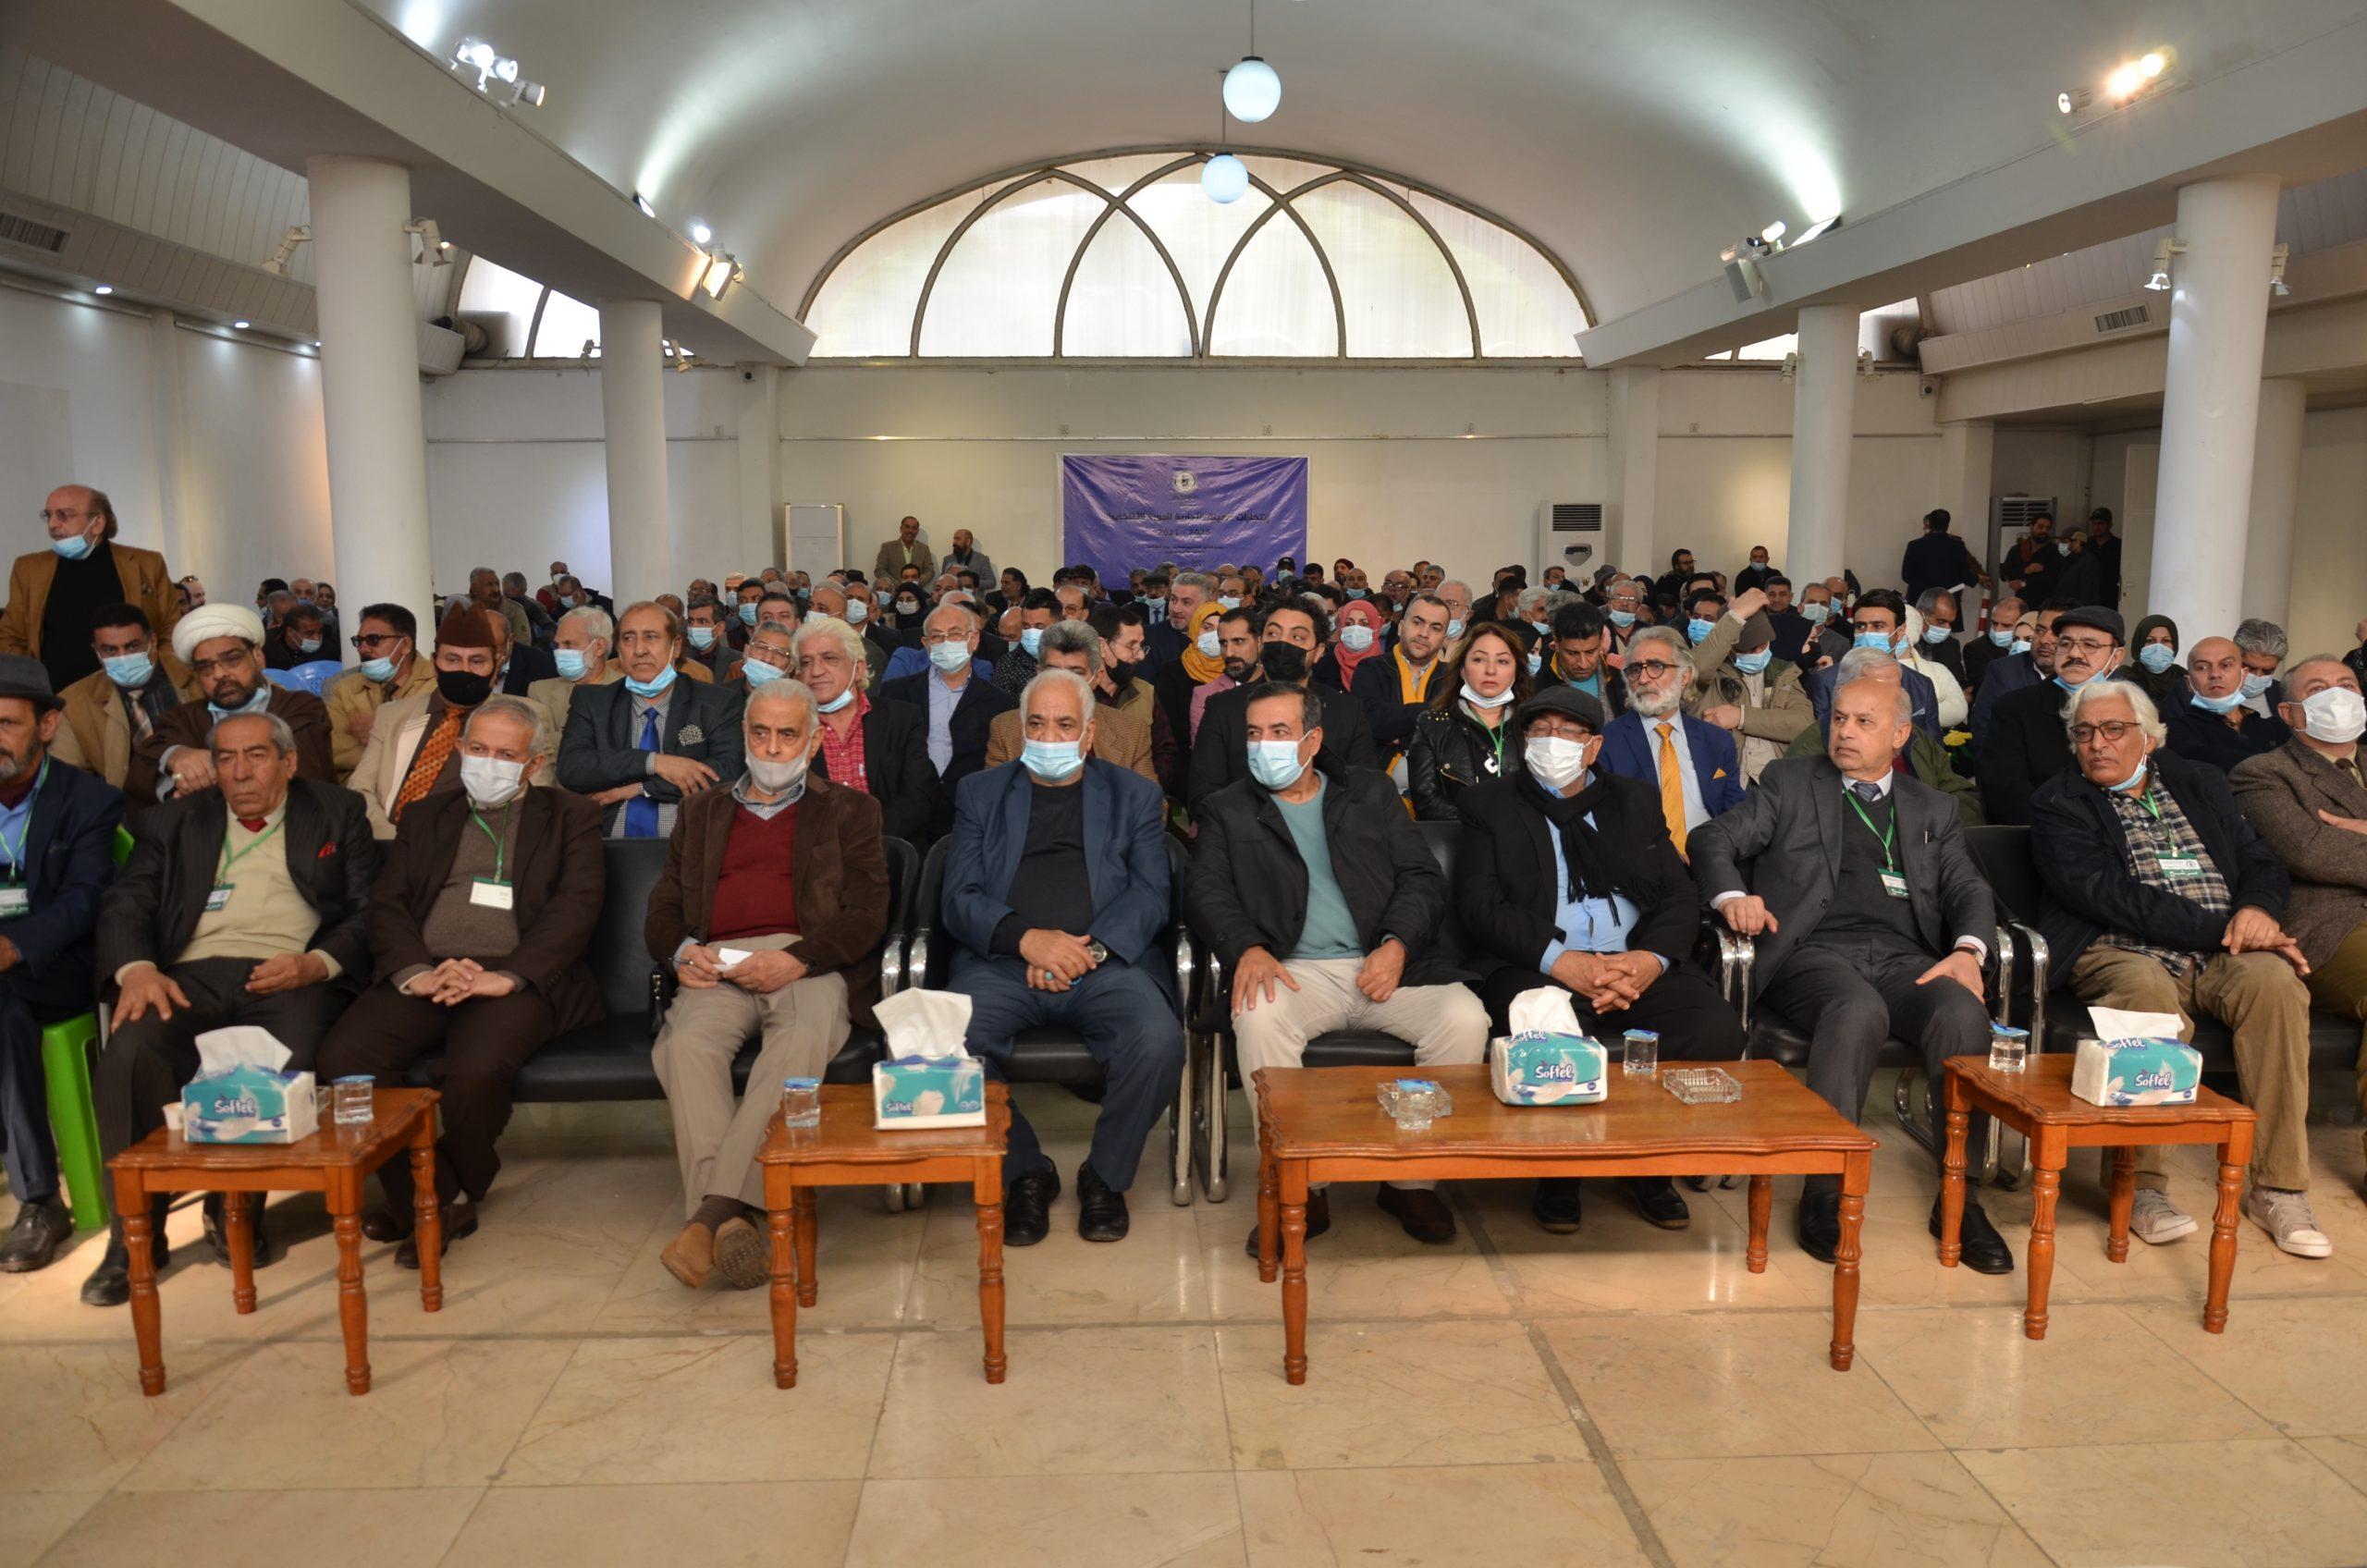 انتخابات الهيئة الادارية لجمعية الفنانين التشكيليين العراقيين للدورة ٢٠٢١ – ٢٠٢٥ .